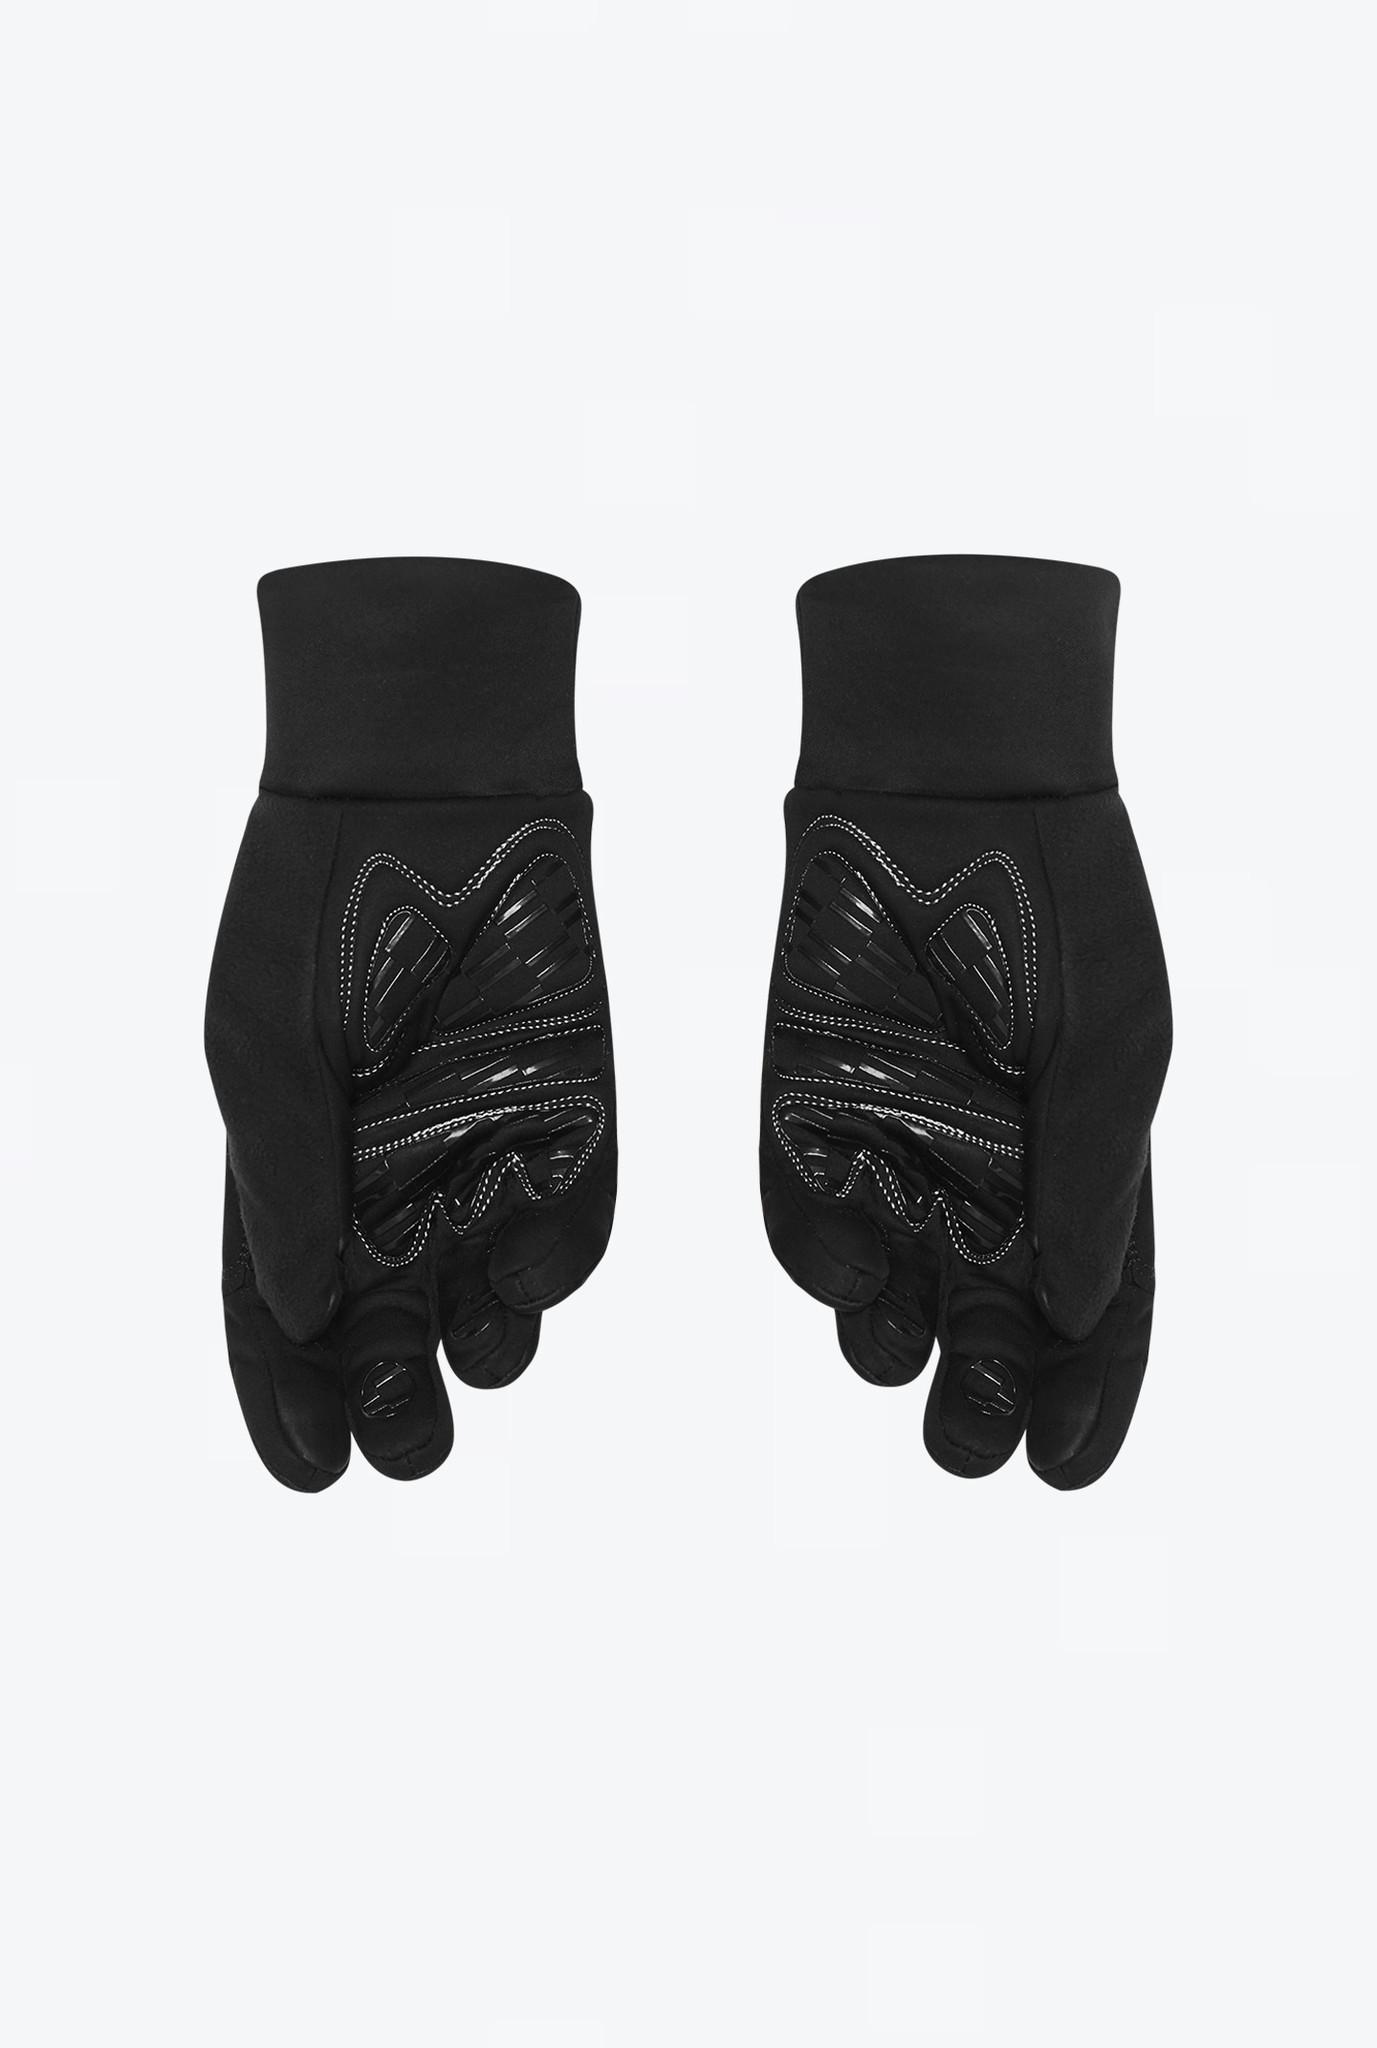 Mid Winter PC Handschoenen Zwart-2